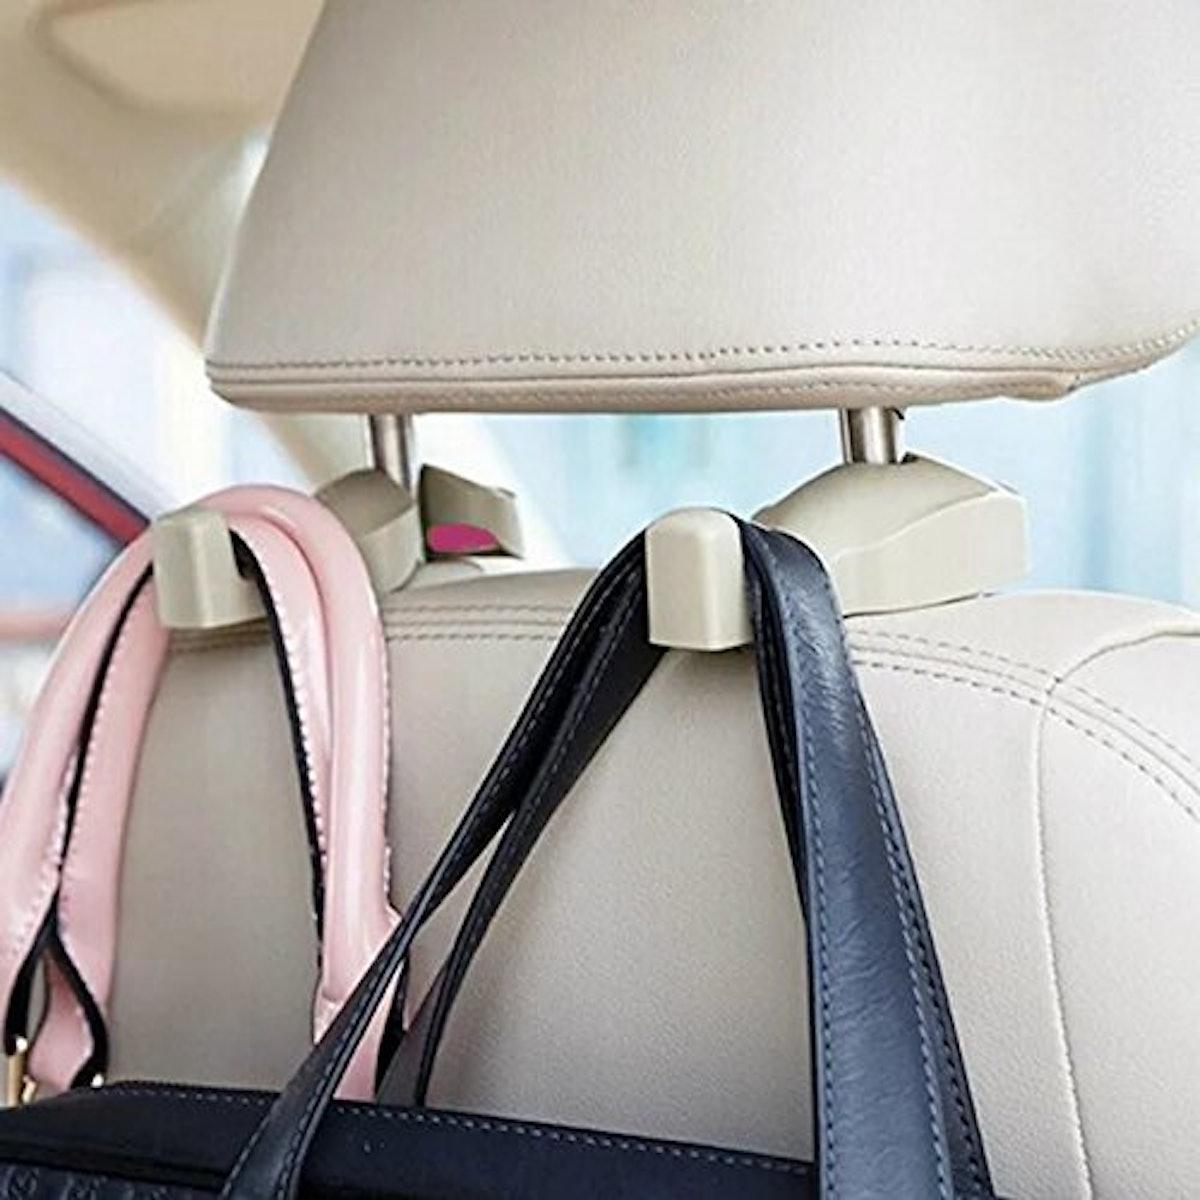 IPELY Headrest Bag Hooks (2-Pack)